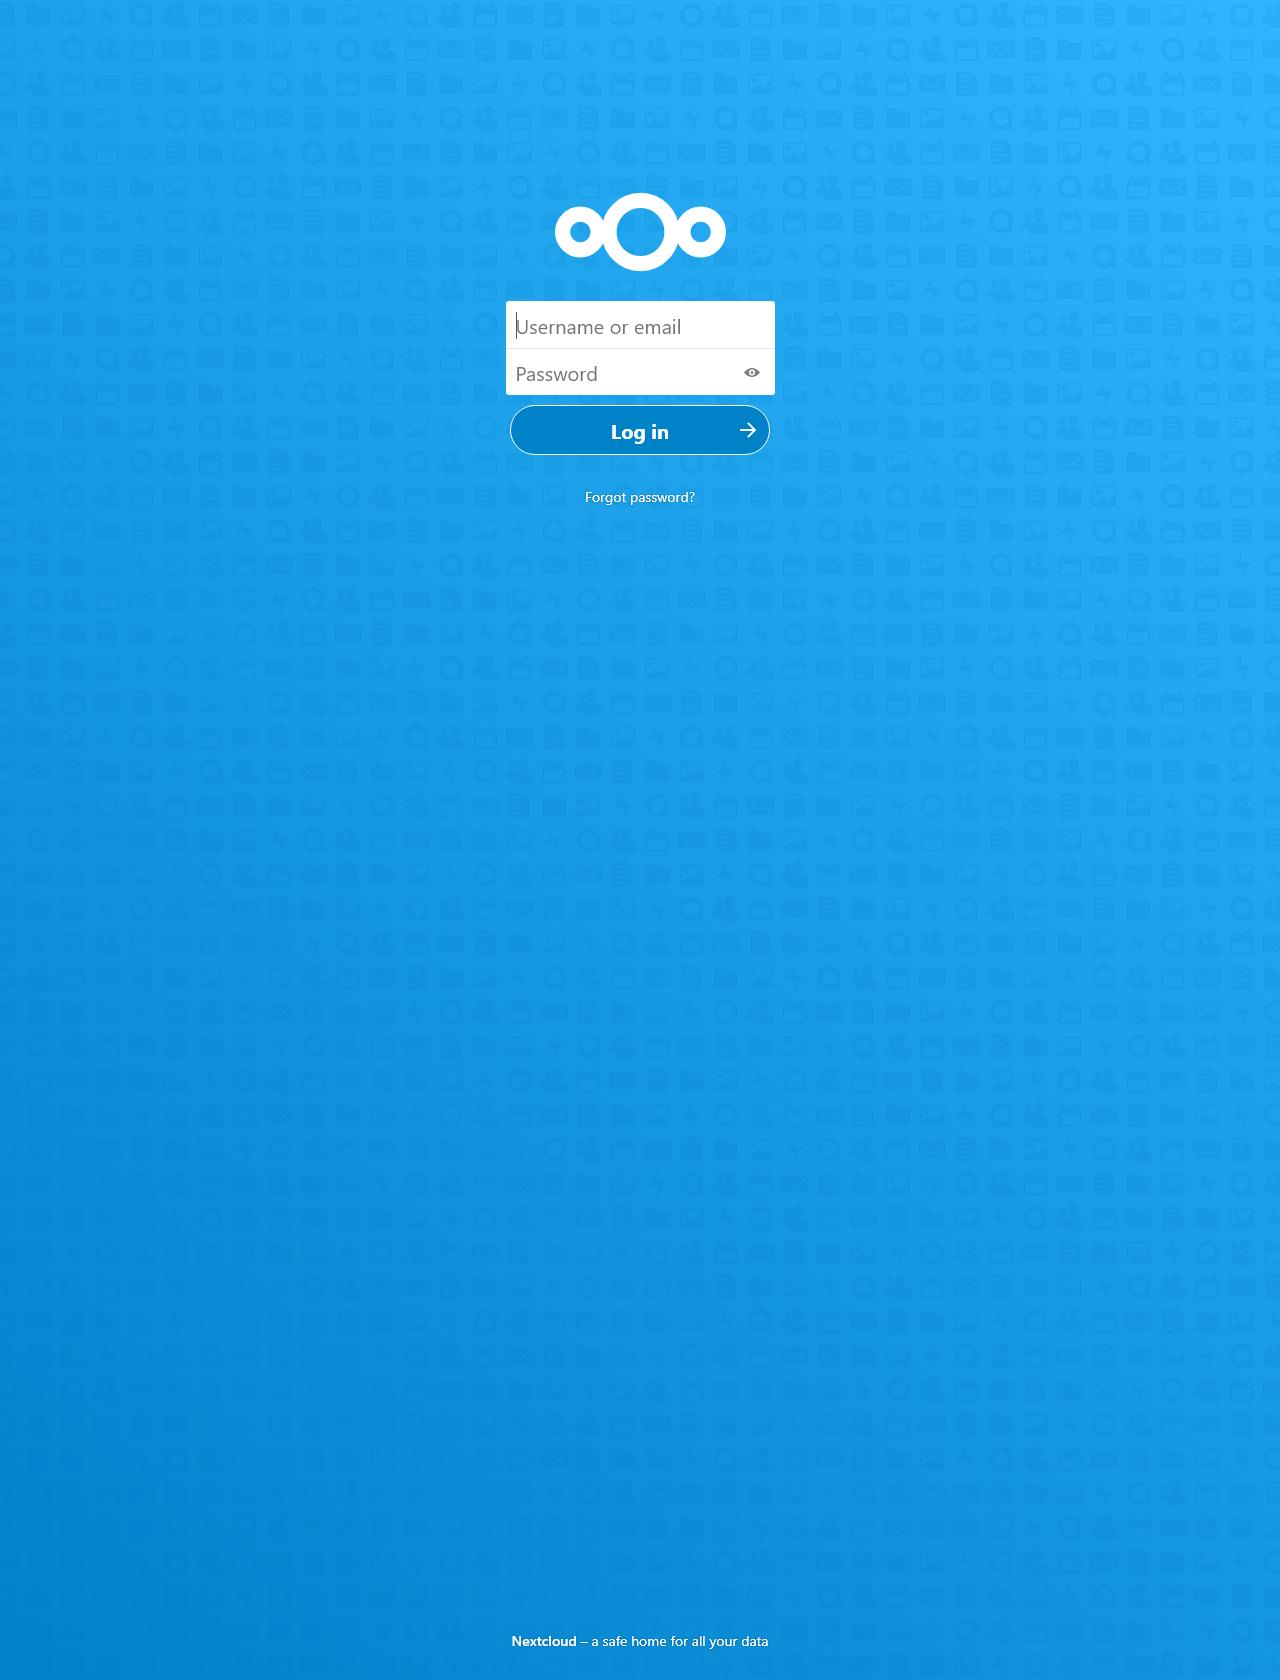 Screenshot Desktop - https://nextcloud.emiestelvpn.duckdns.org/login